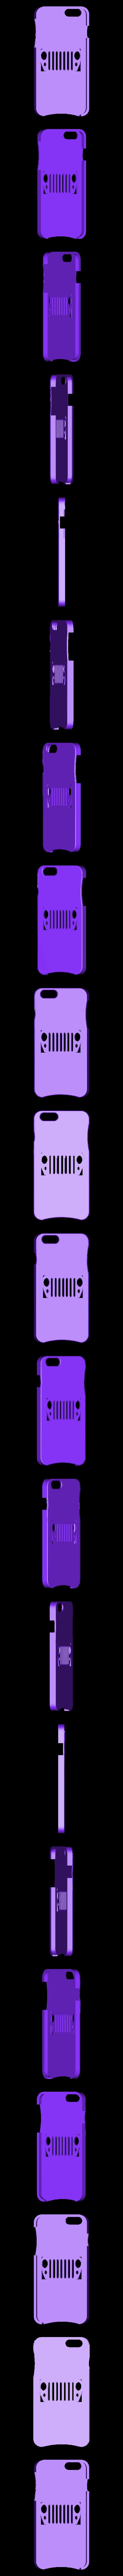 Jeep_Iphone_6_plus_case.stl Télécharger fichier STL gratuit Jeep Iphone 6 plus case • Objet pour imprimante 3D, 3DPrintingGurus